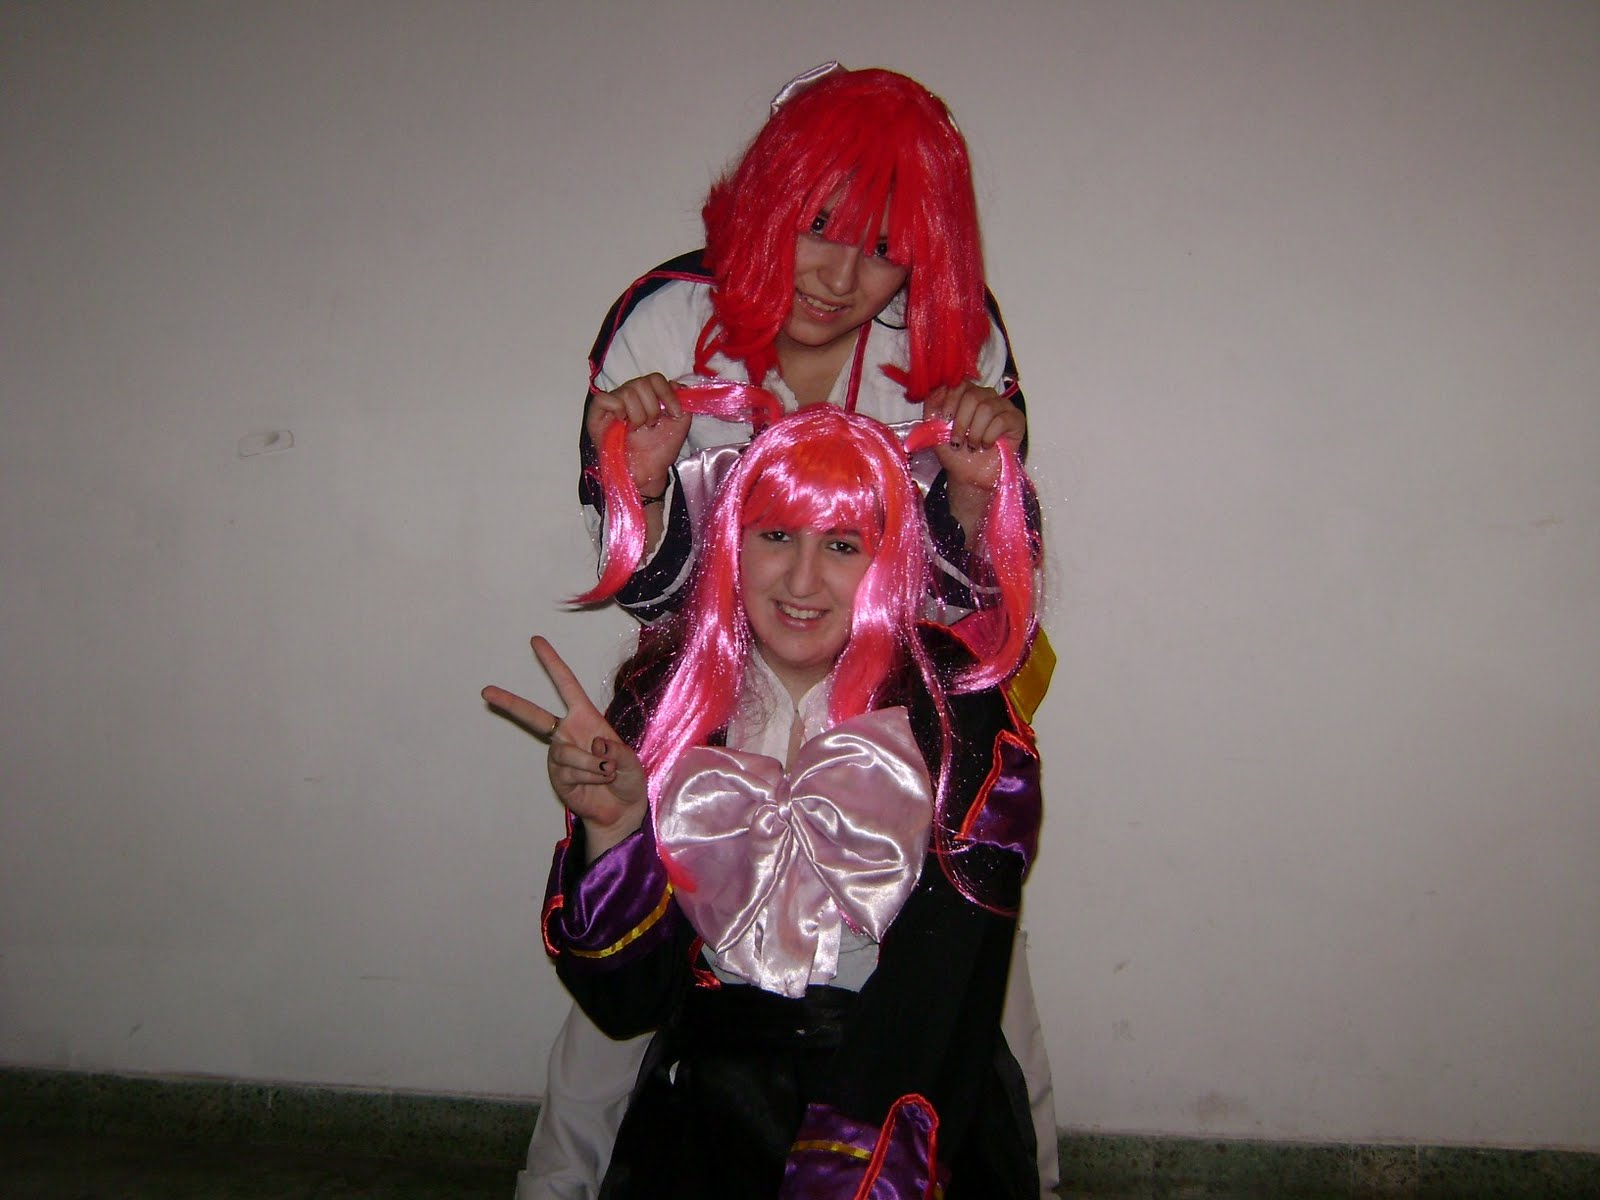 Haruna as Tsubame and Shia as Hibari- Haruna como Tsubame y Shia como Hibari